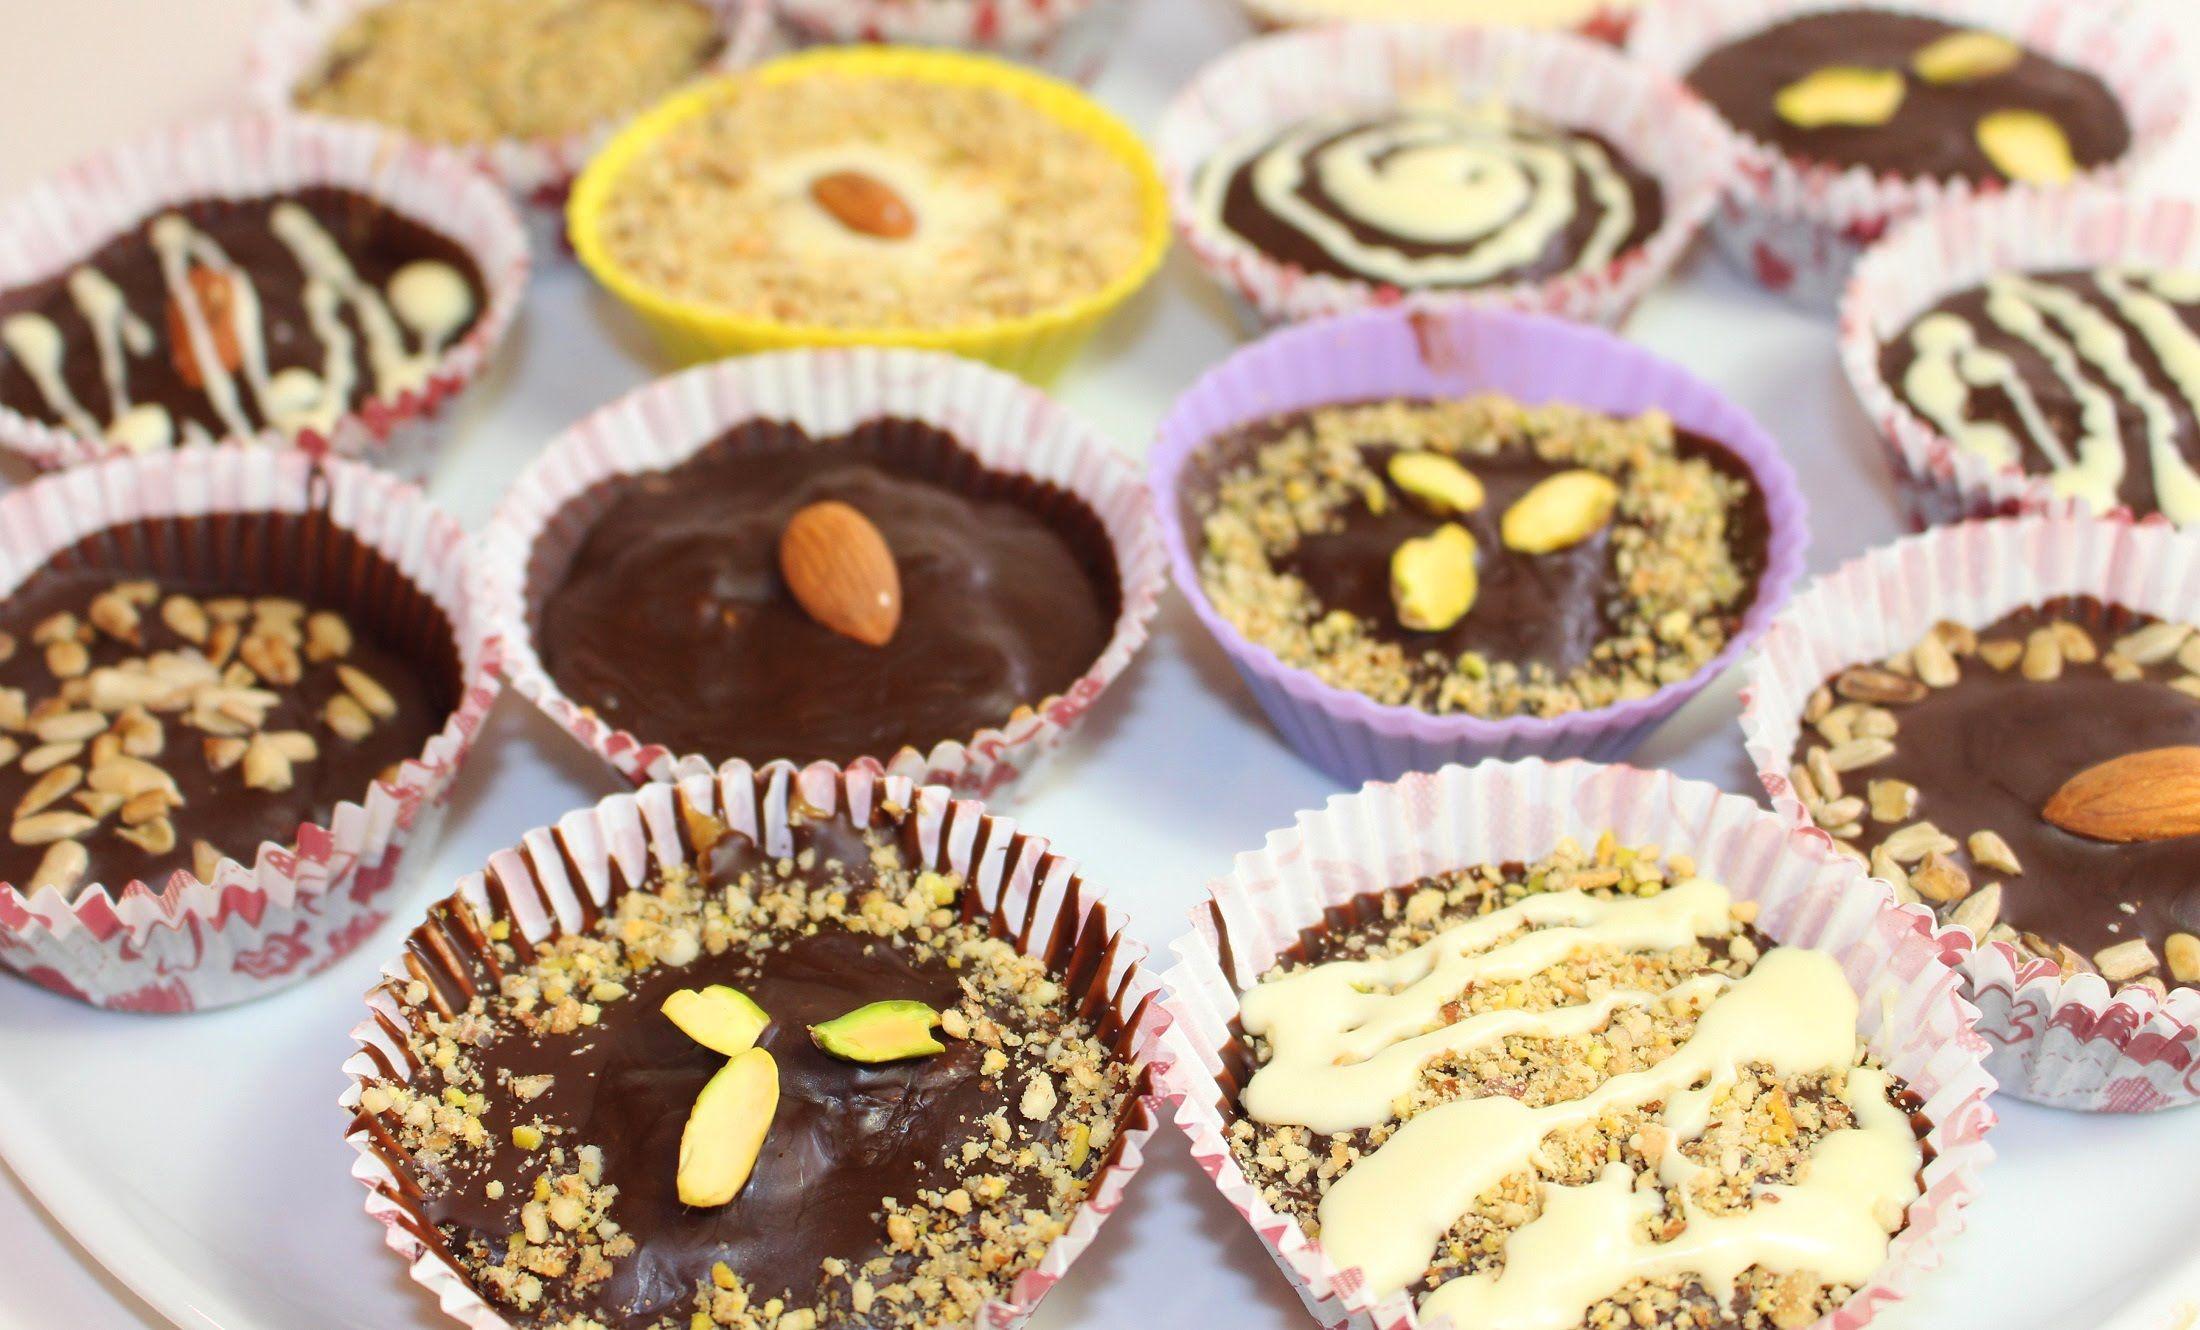 специалисты рецепты конфет в домашних условиях с фото российской